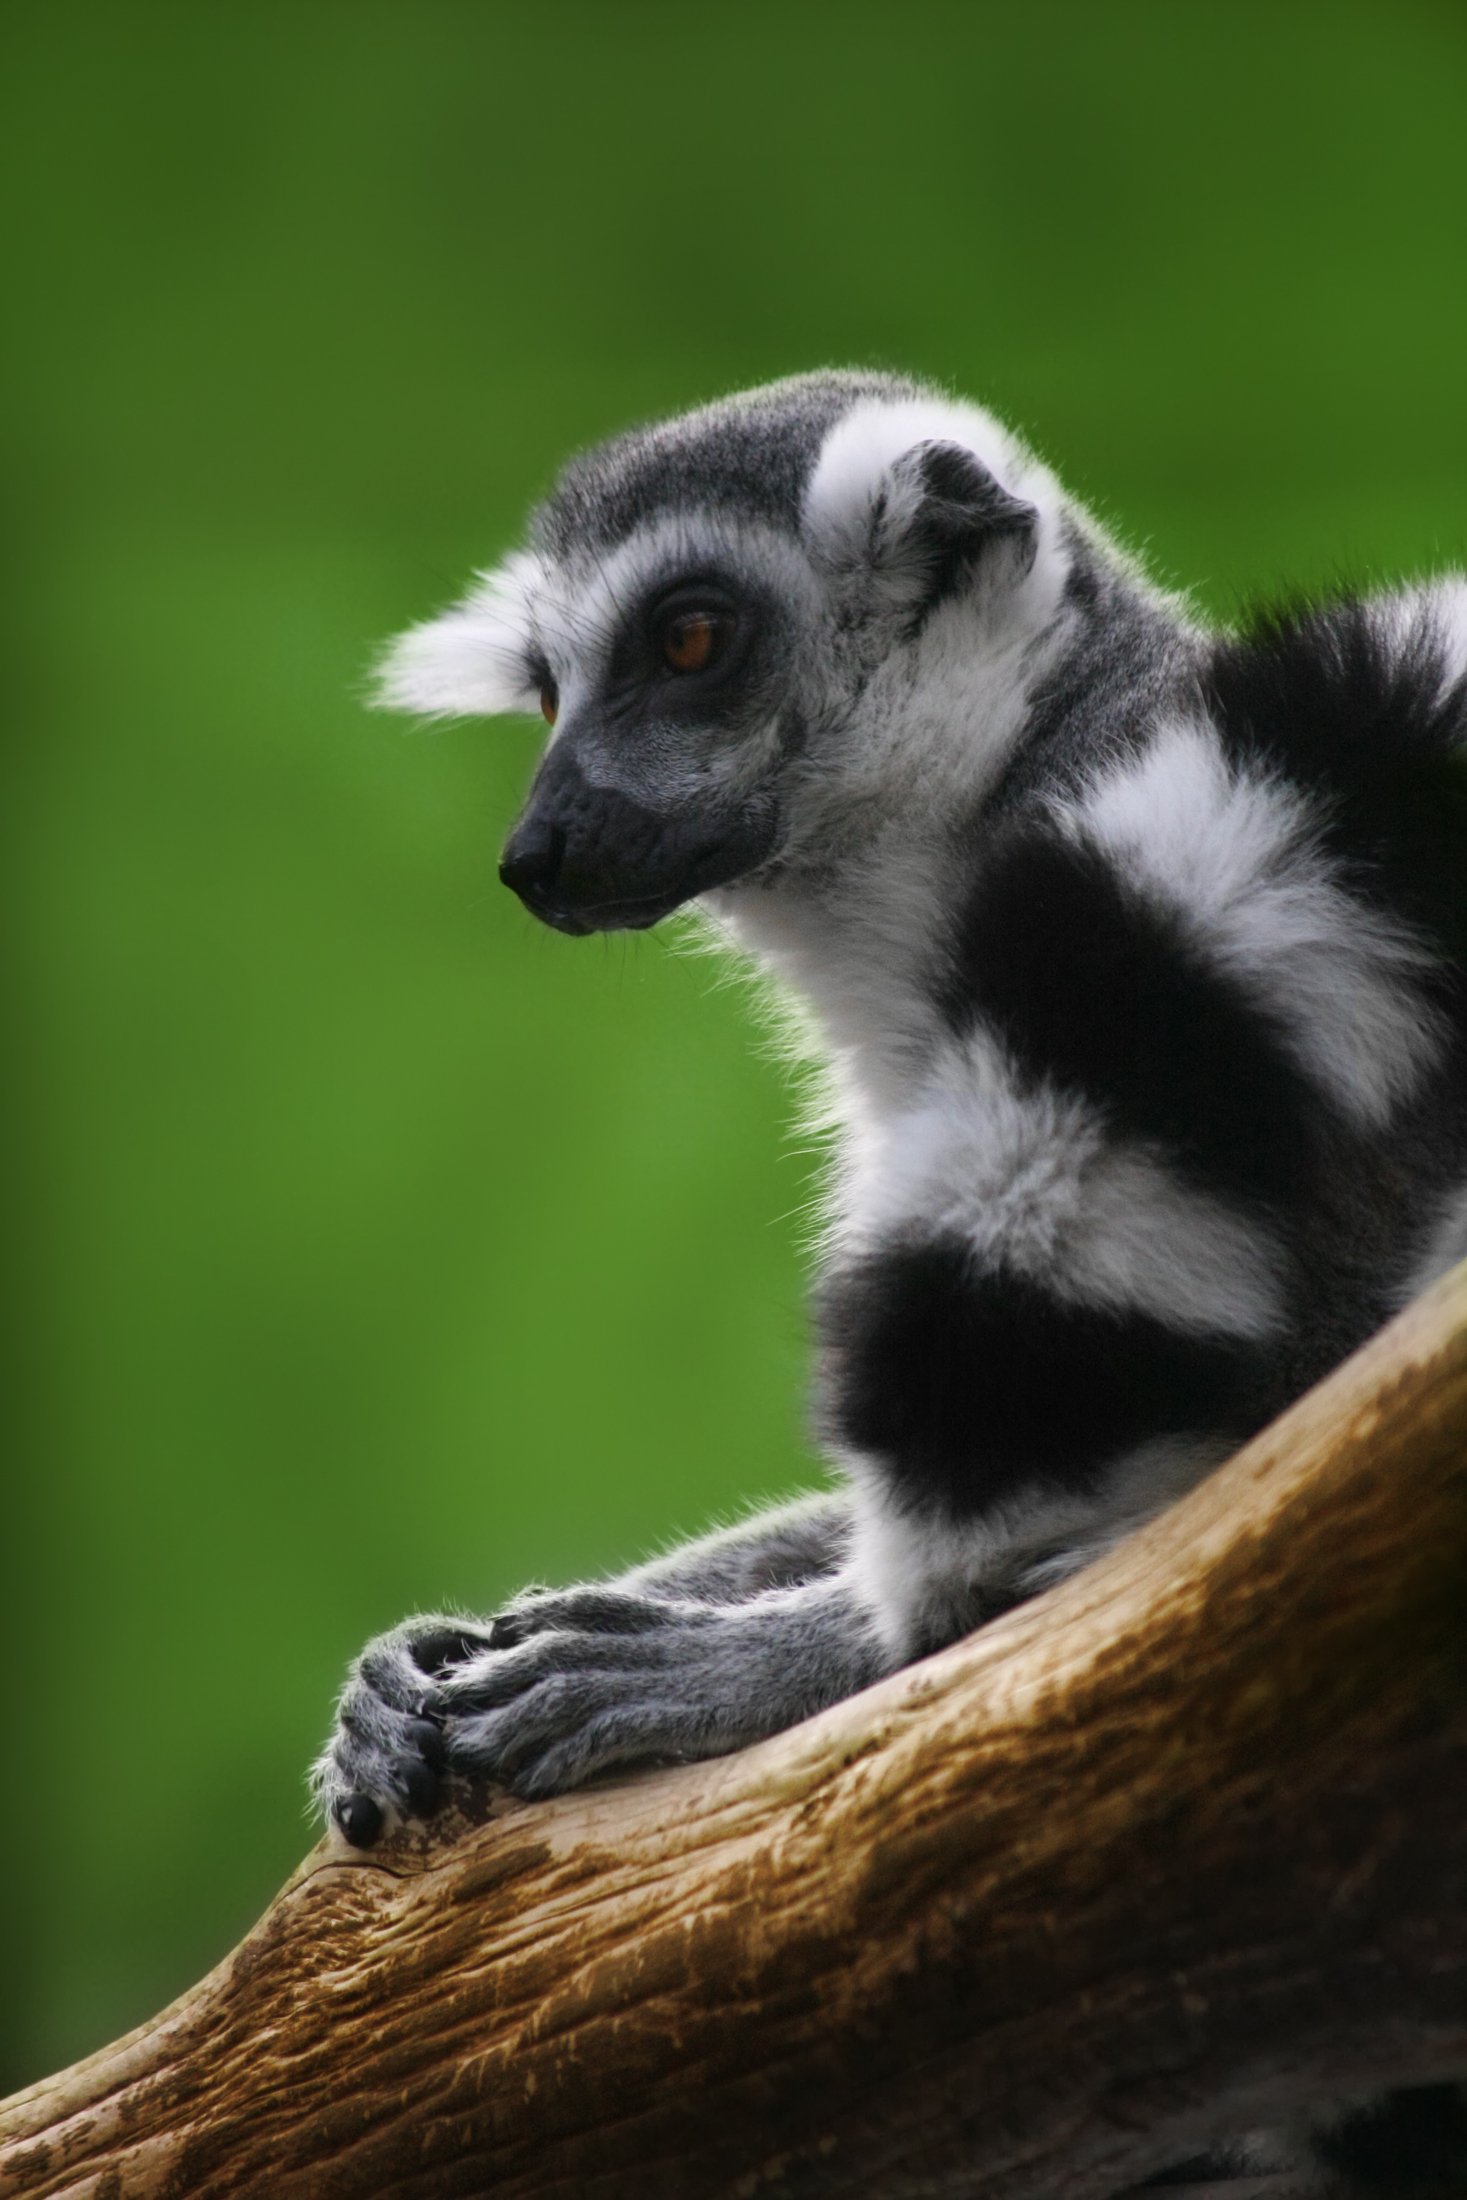 Depiction of Lemur catta